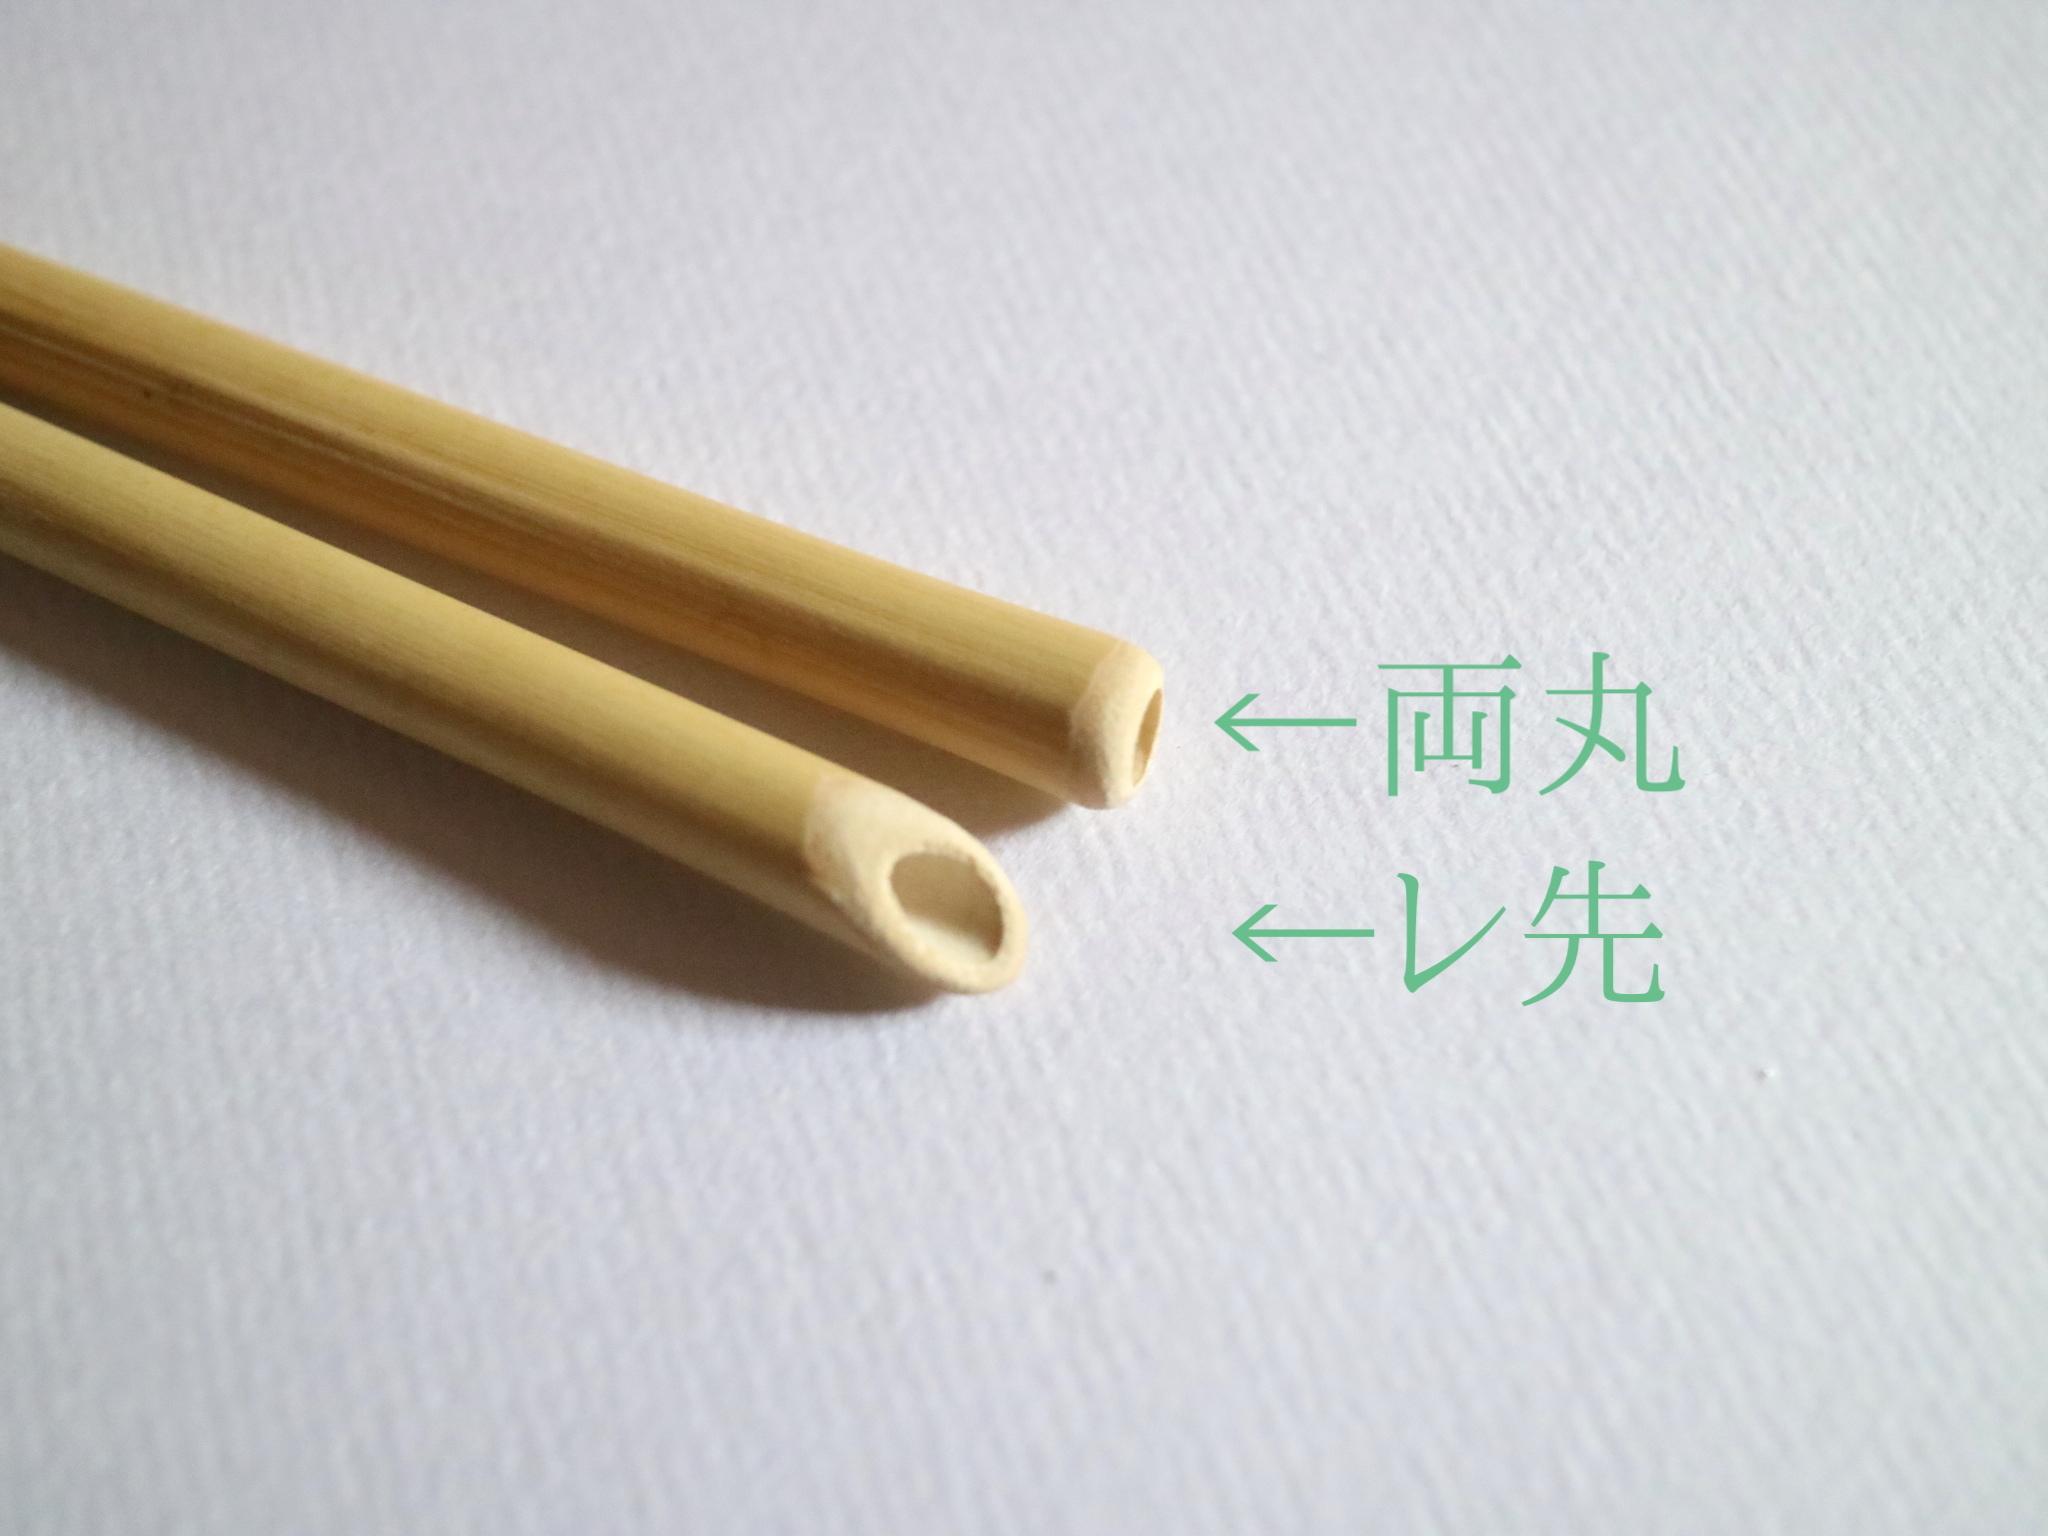 子供竹ストロー15cm_レ先(単品)